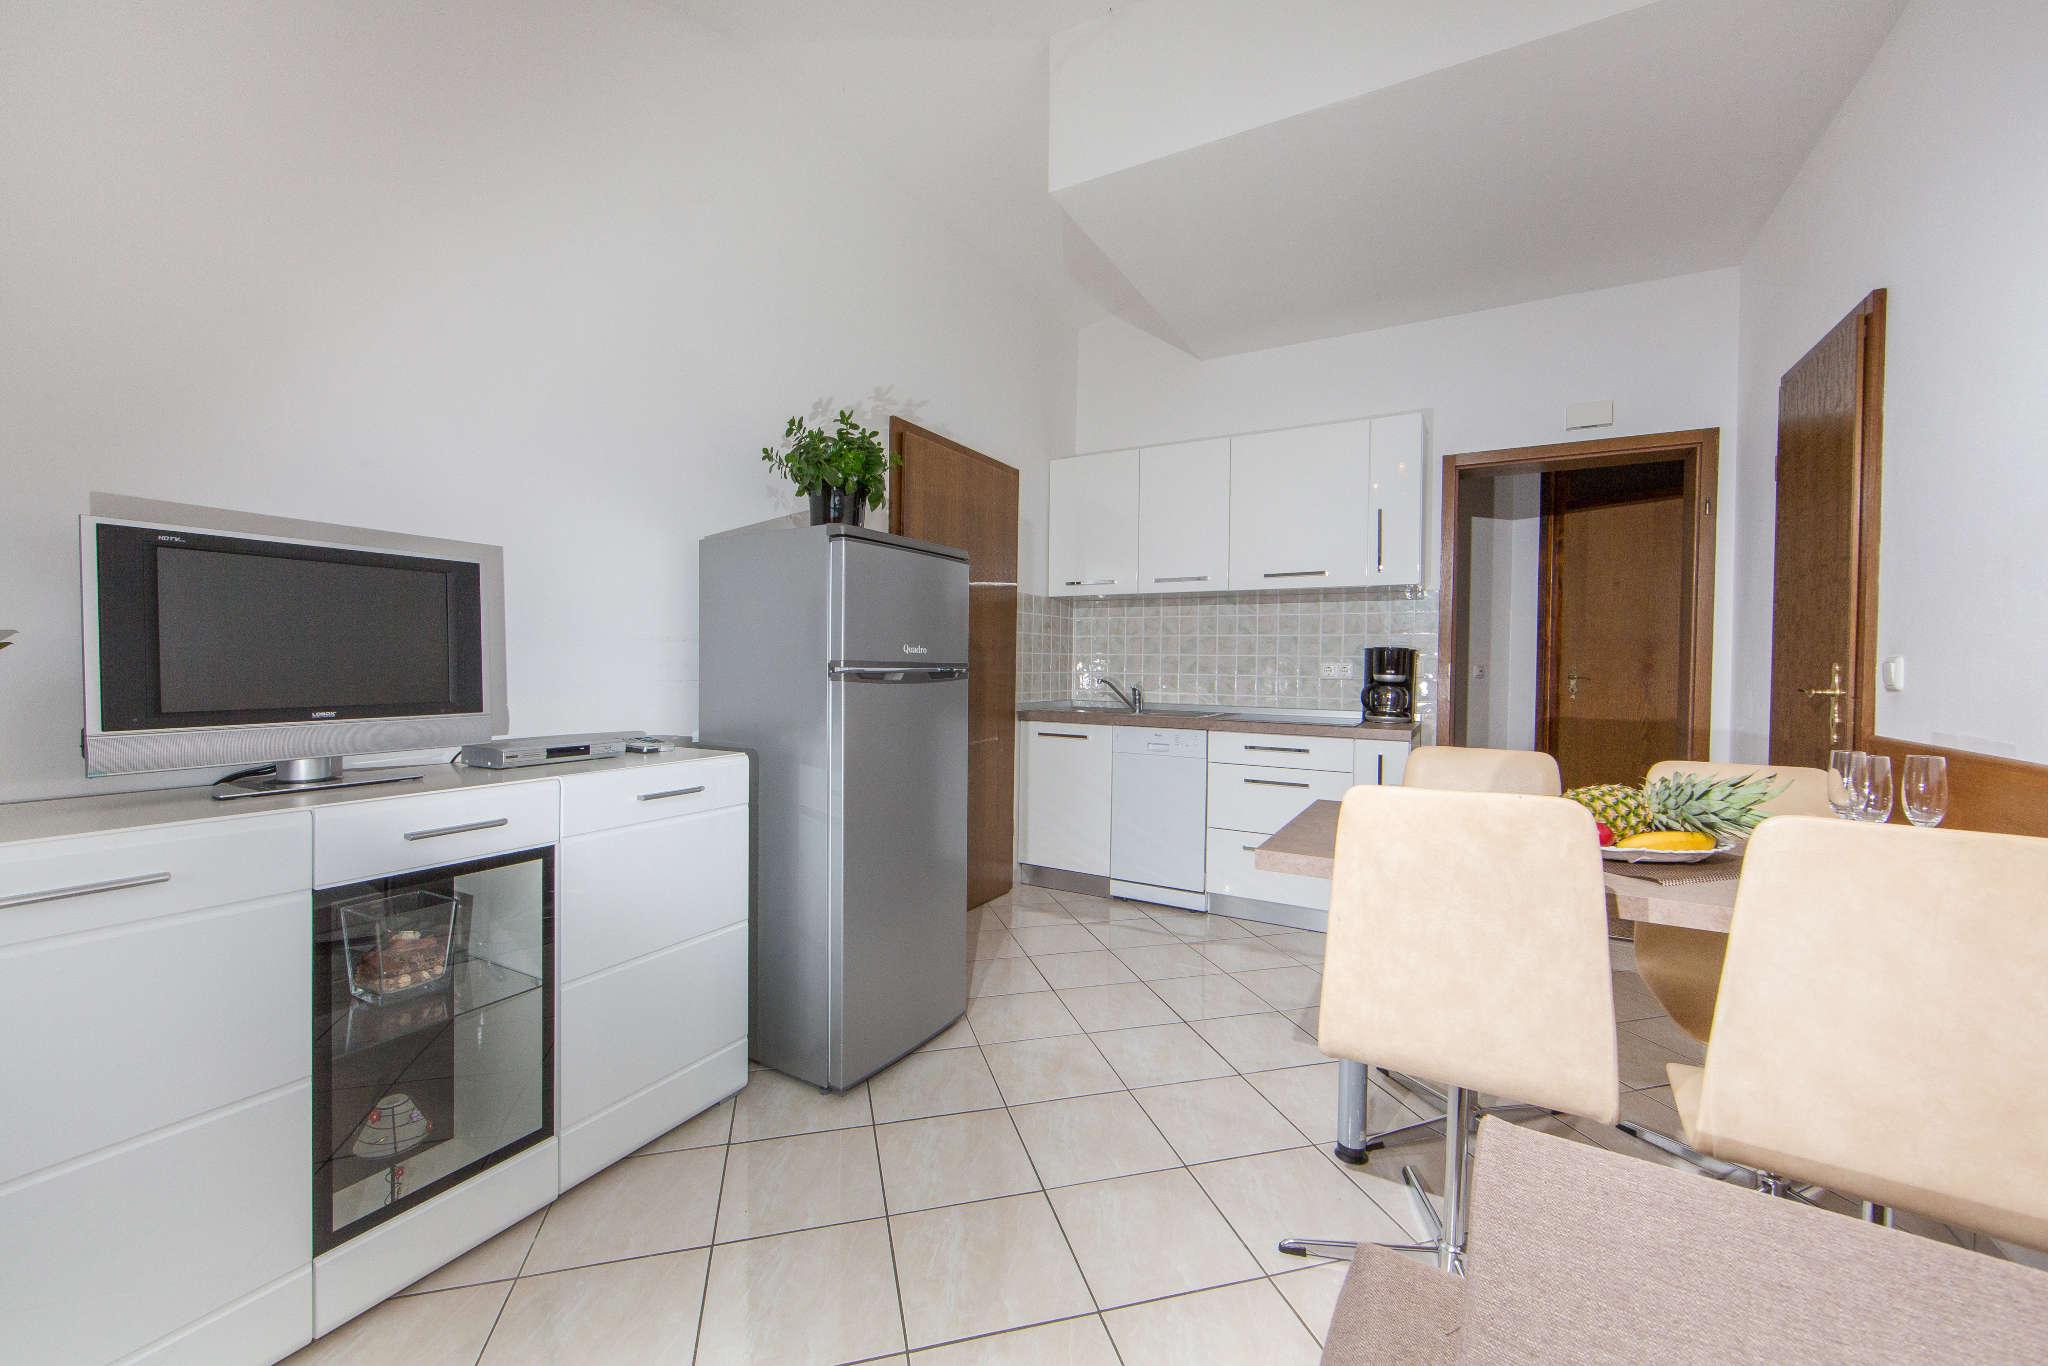 Küchenansicht der Ferienwohnung